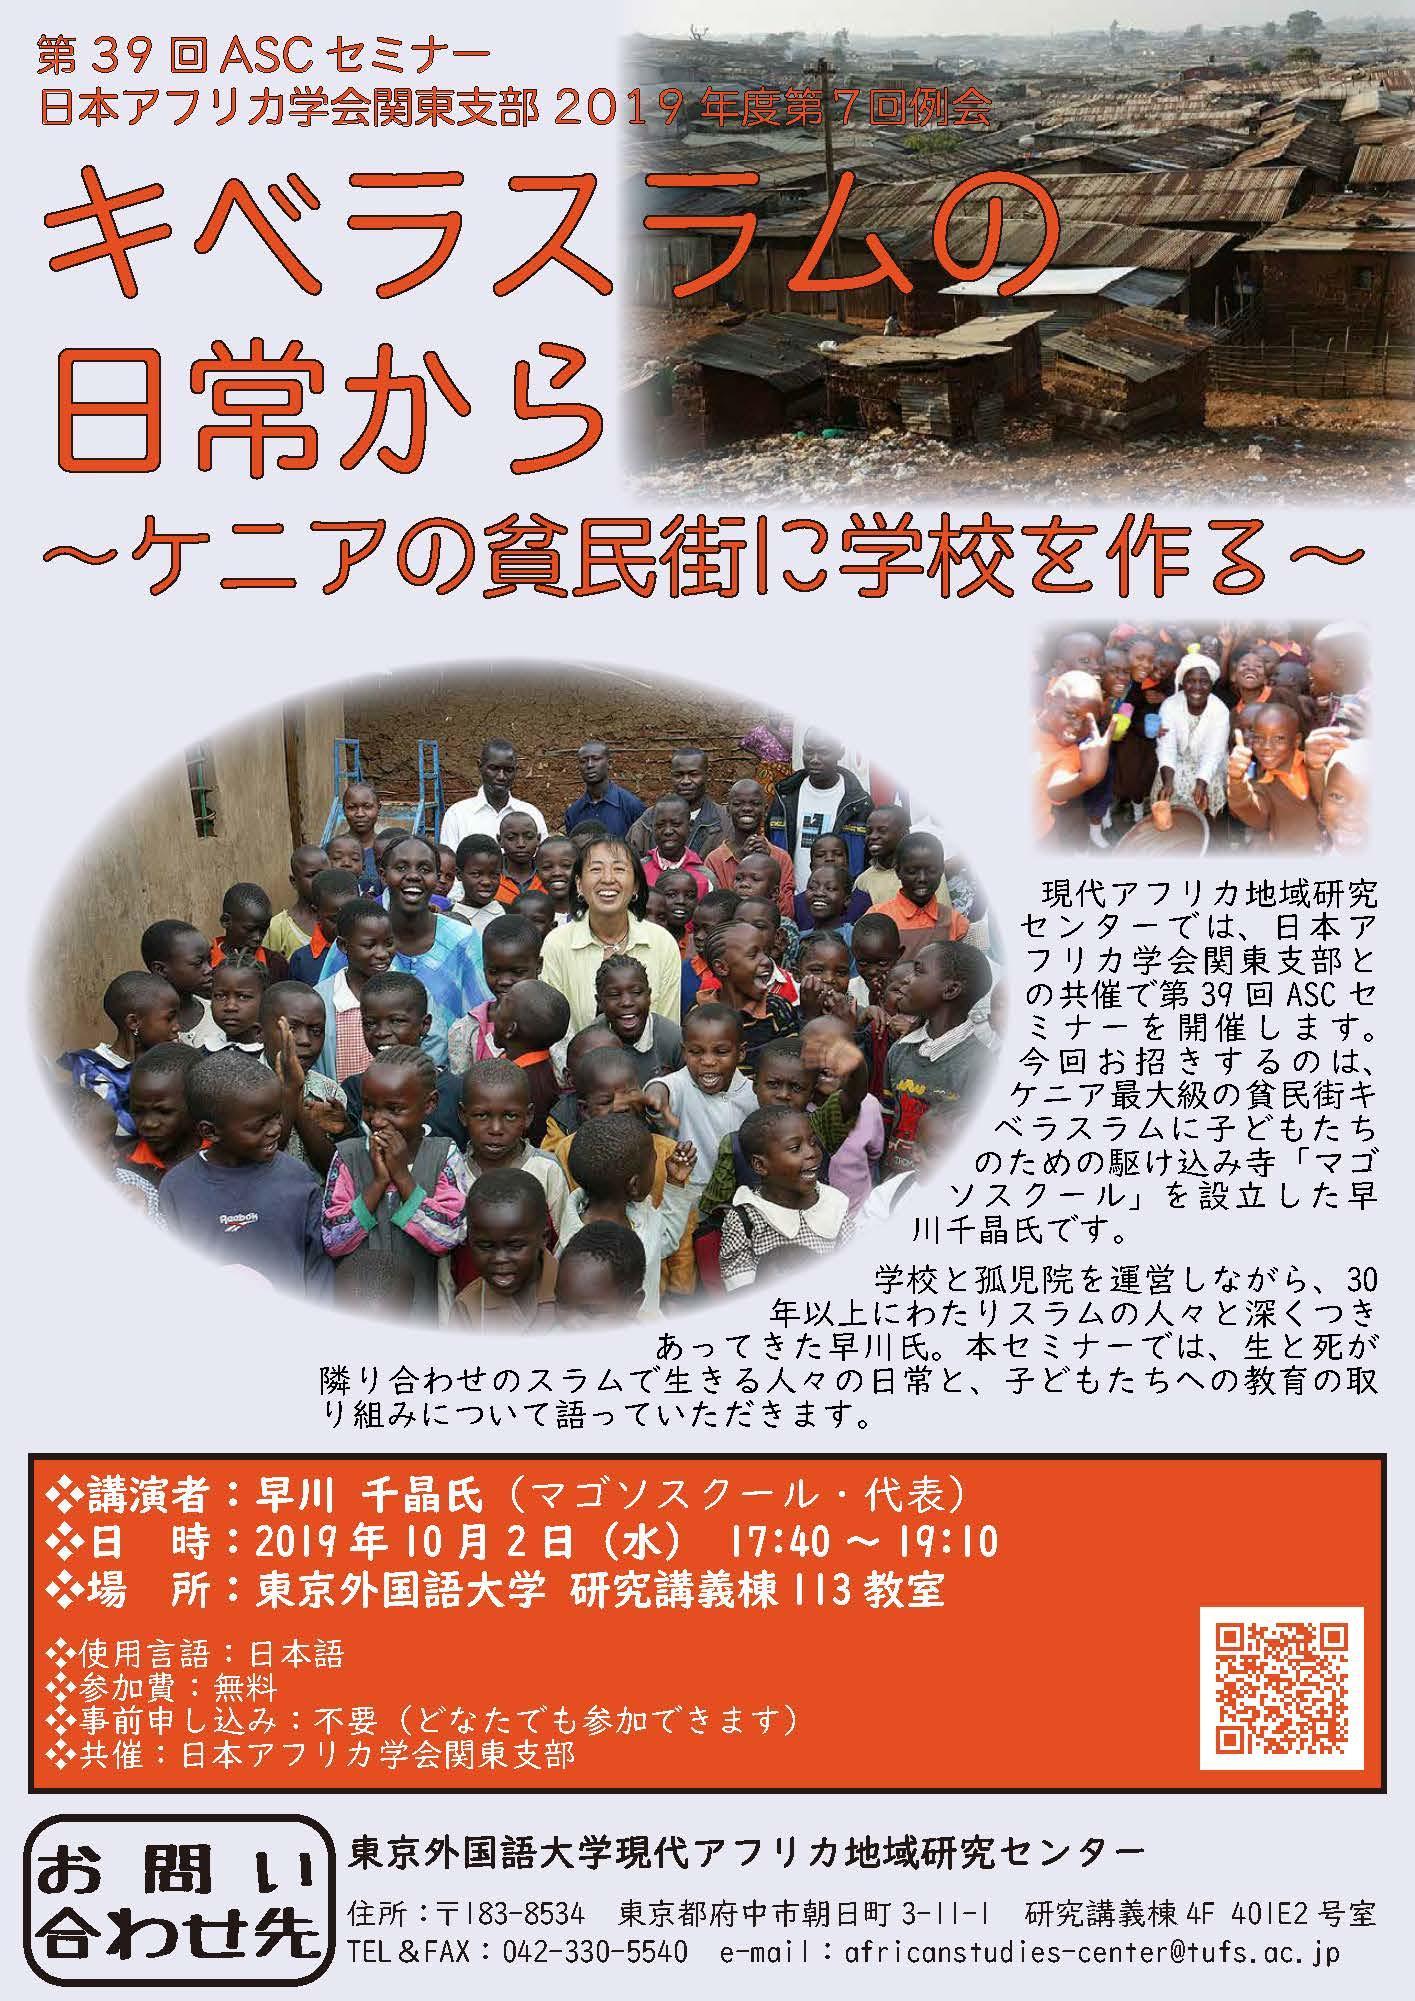 早川千晶さんを招いてセミナーを開催します